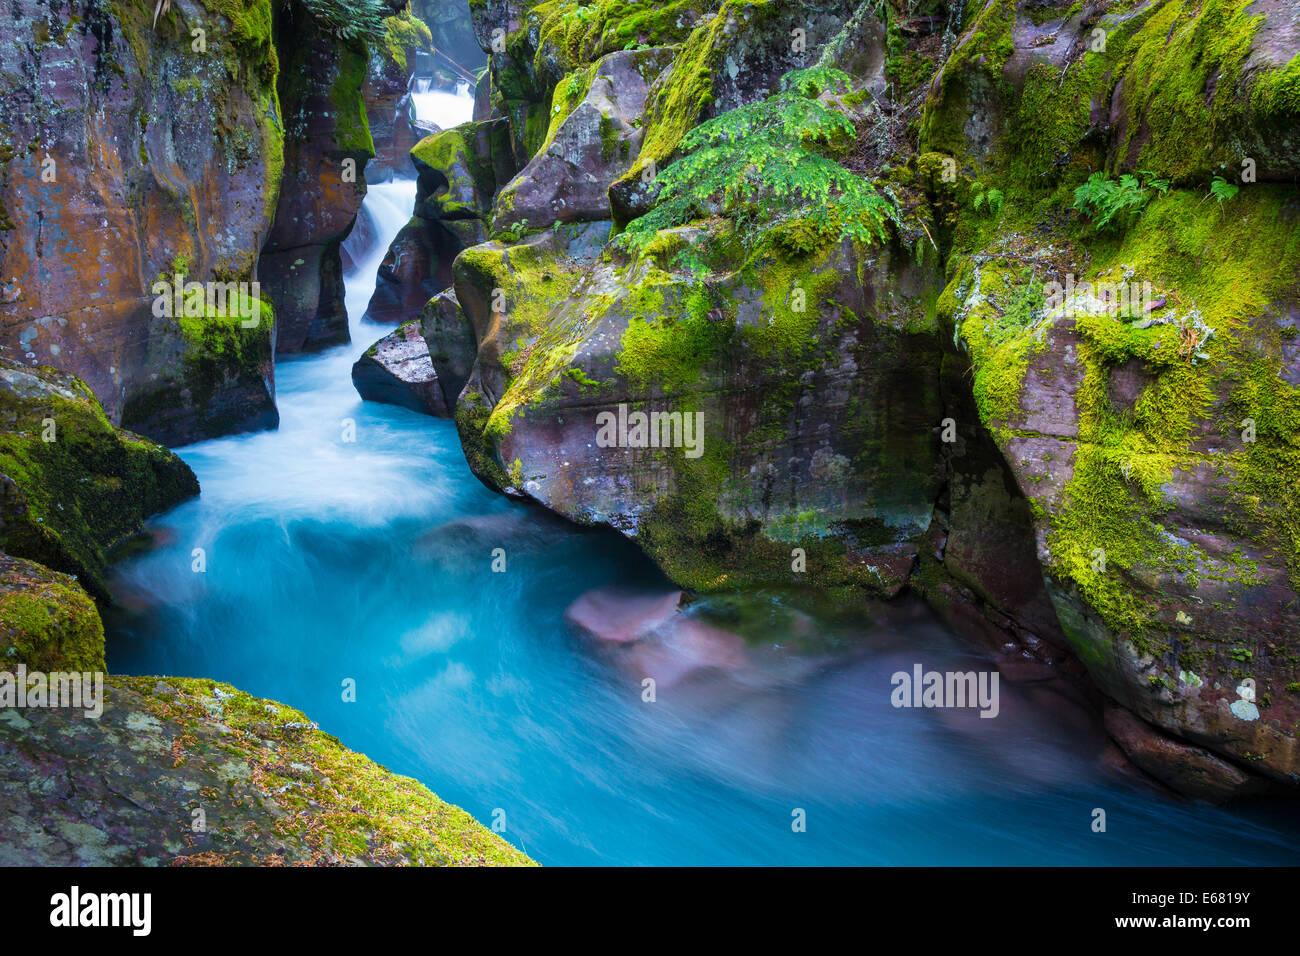 Avalancha Creek gorge en Glacier National Park en Montana, situada cerca de la frontera entre Estados Unidos y Canadá Imagen De Stock